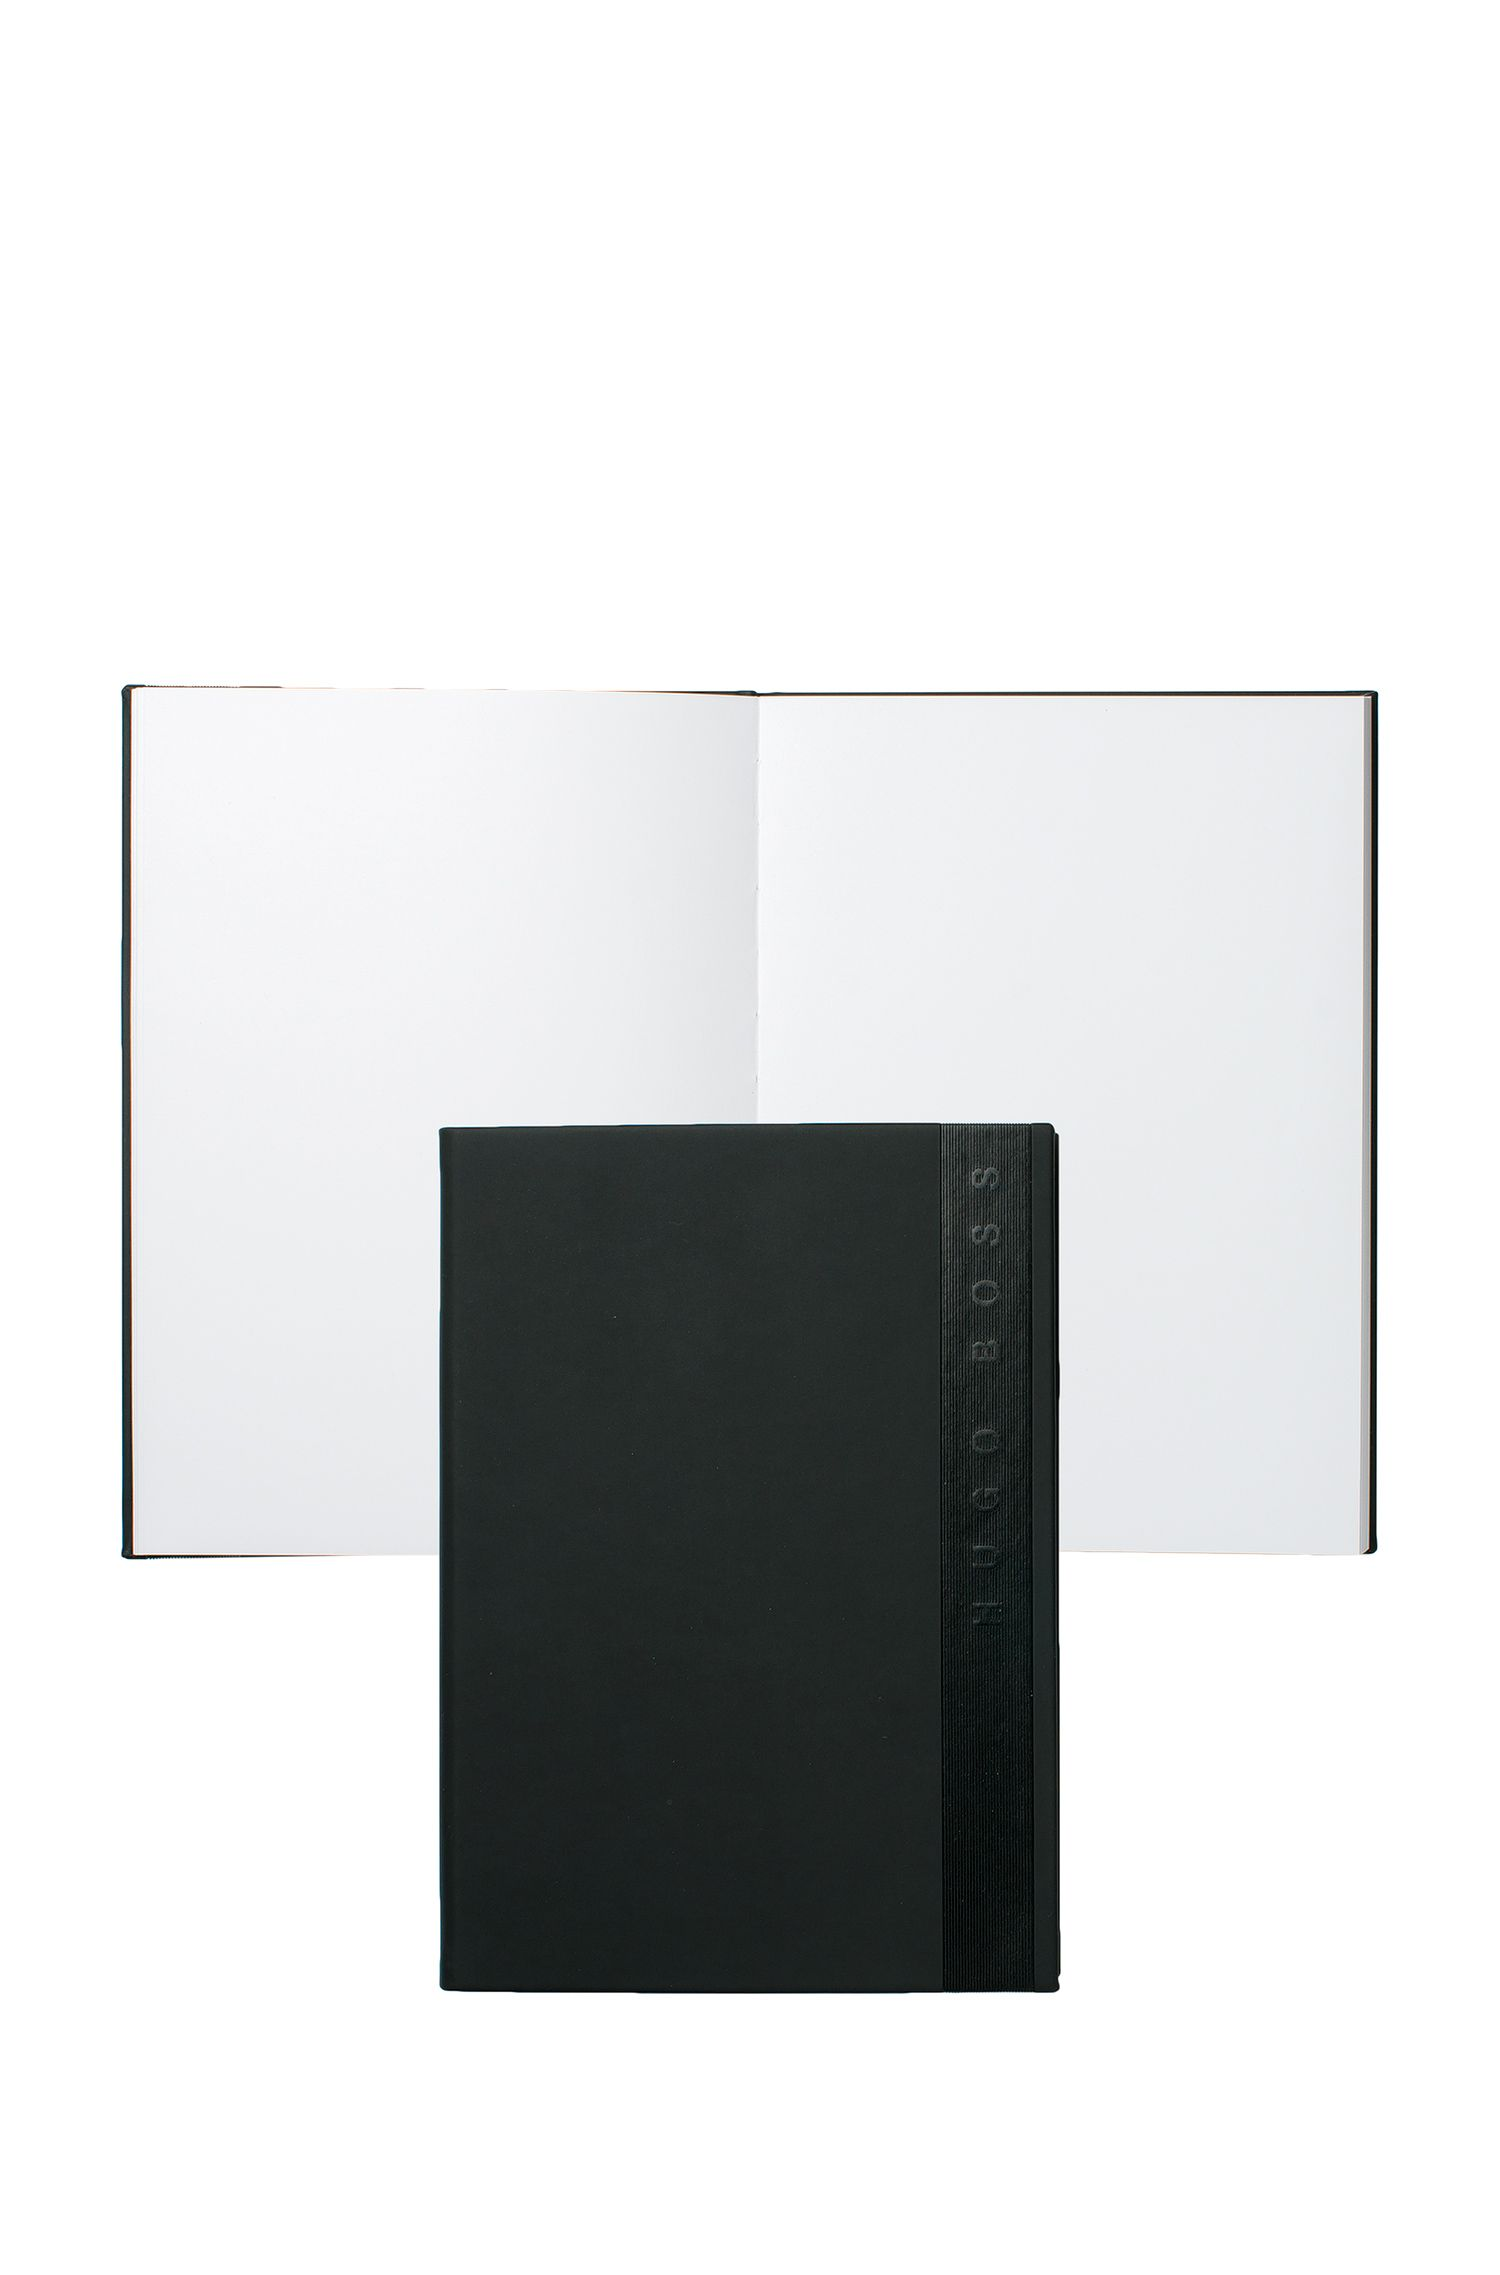 Cuaderno A5 con cubierta negra de piel sintética y logo en vertical